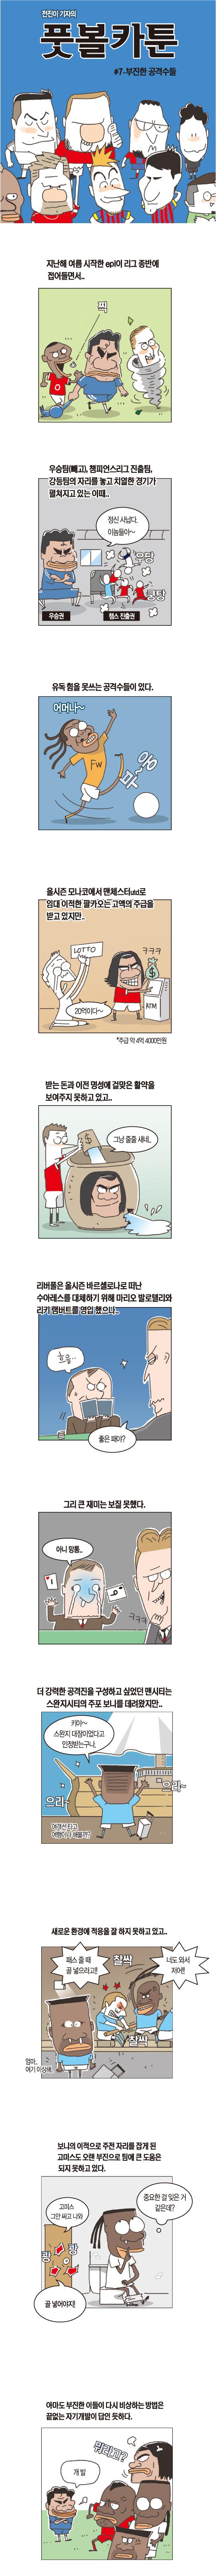 [전진이의 풋볼카툰] #7- 부진한 공격수들 기사의 사진